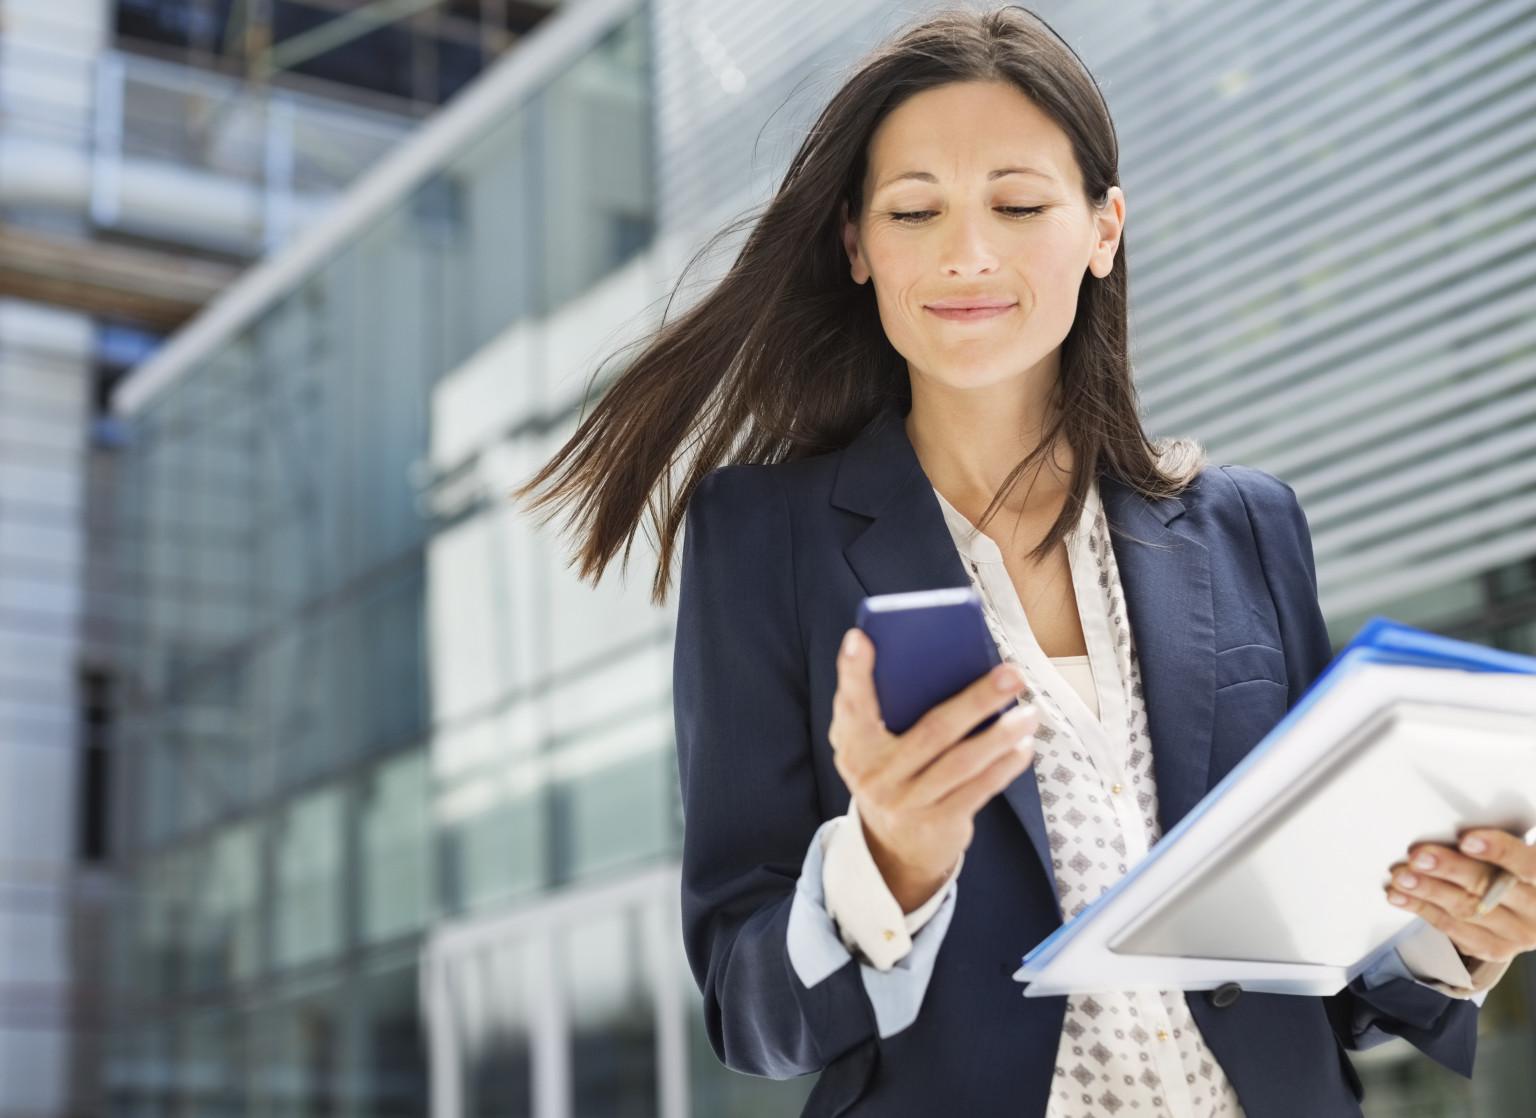 o WOMEN BUSINESS facebook Bonton za početnike: Ponašanje na poslu